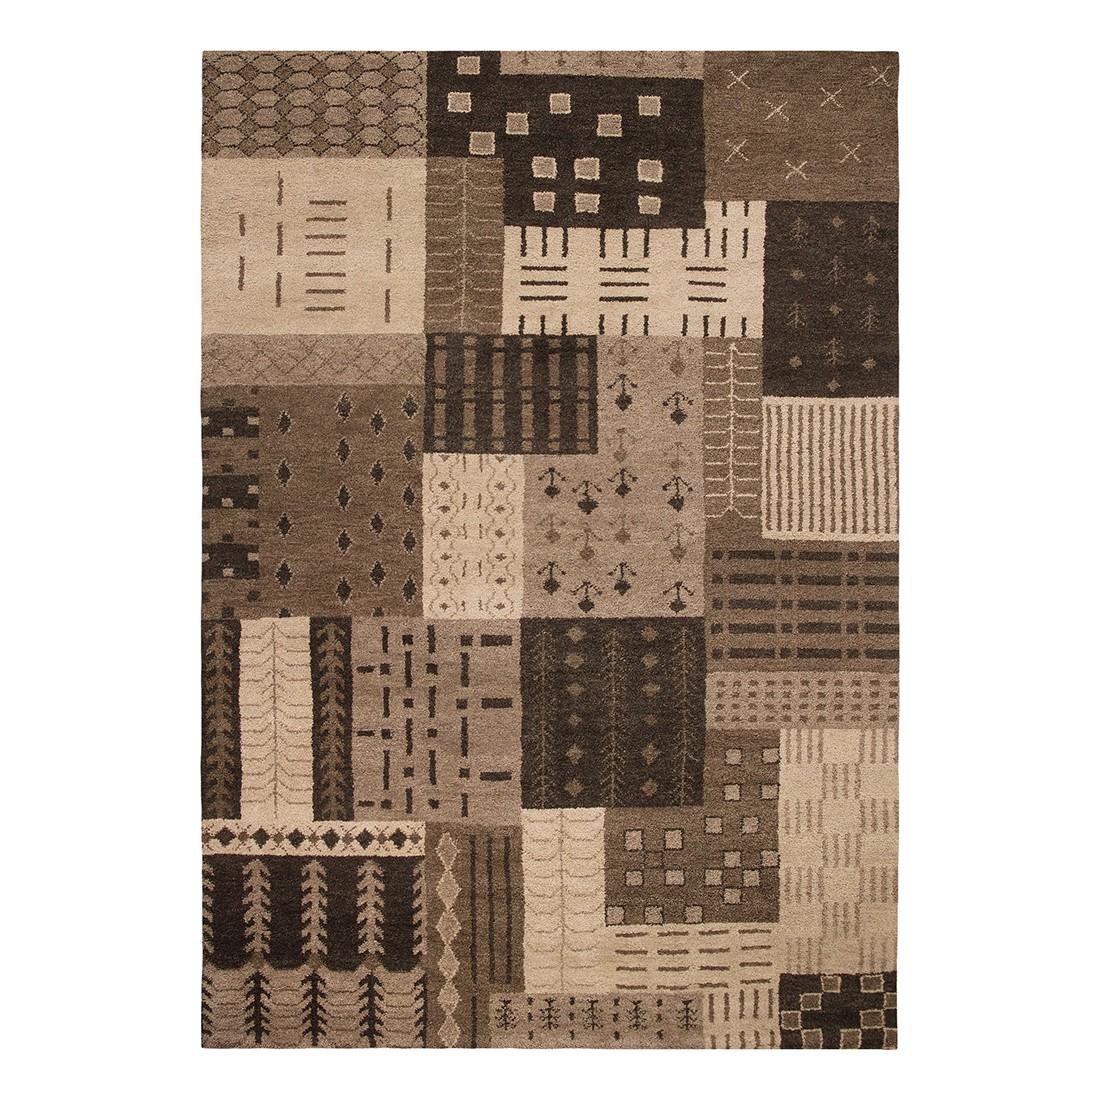 Teppich Cordoba – Wolle/ Schoko – 120 cm x 180 cm, Luxor living günstig online kaufen